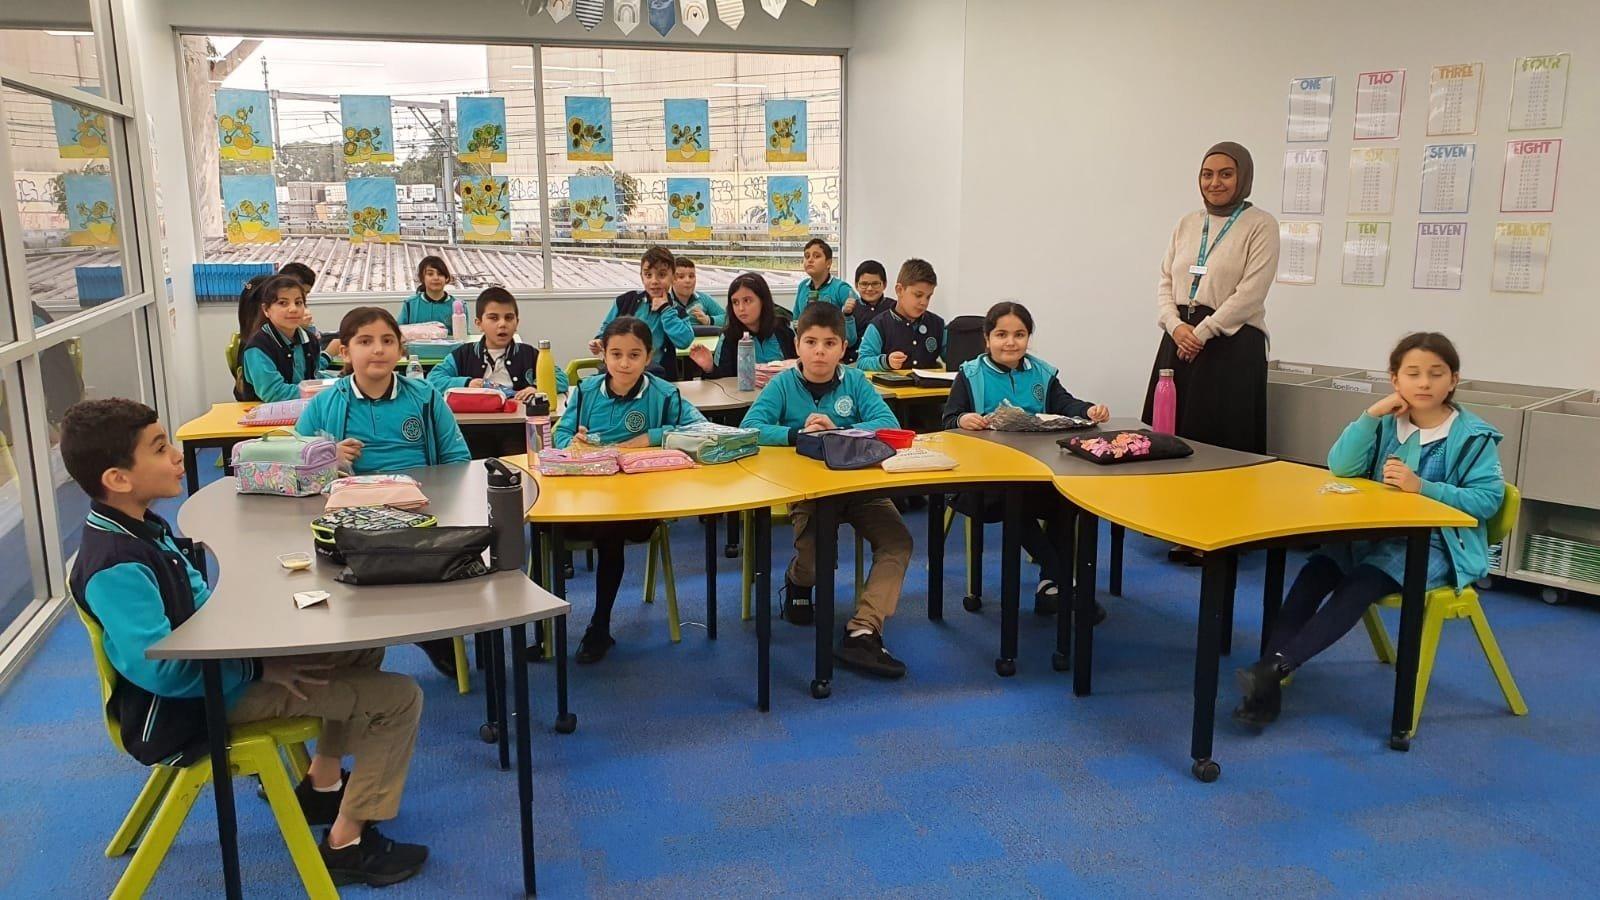 Students at a Turkish Maarif Foundation school in Sydney, Australia. (AA Photo)